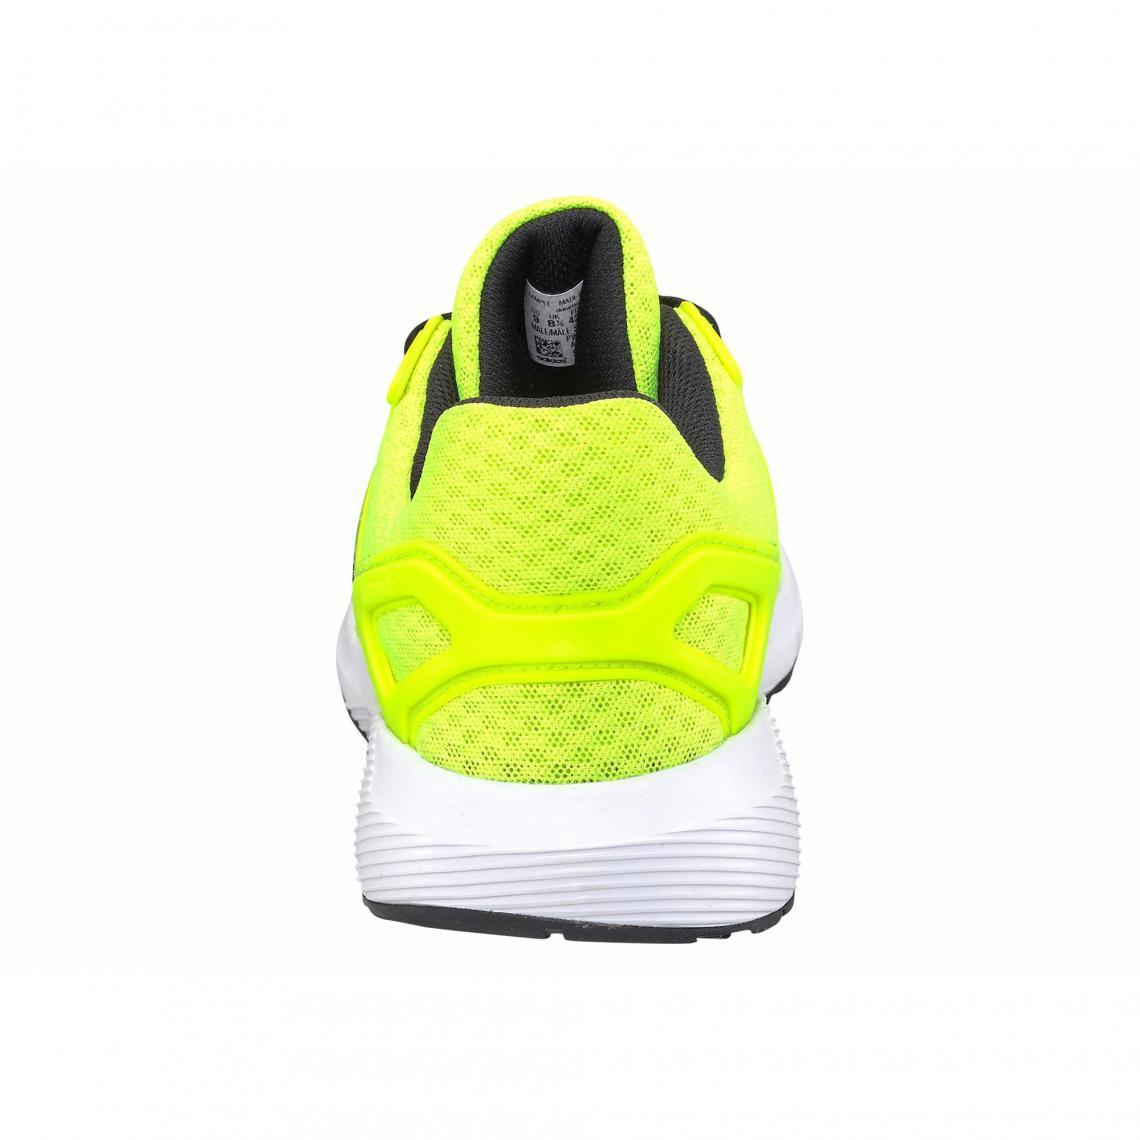 Course De 8 Trainer Chaussures Homme M Duramo Adidas cRjq34L5A